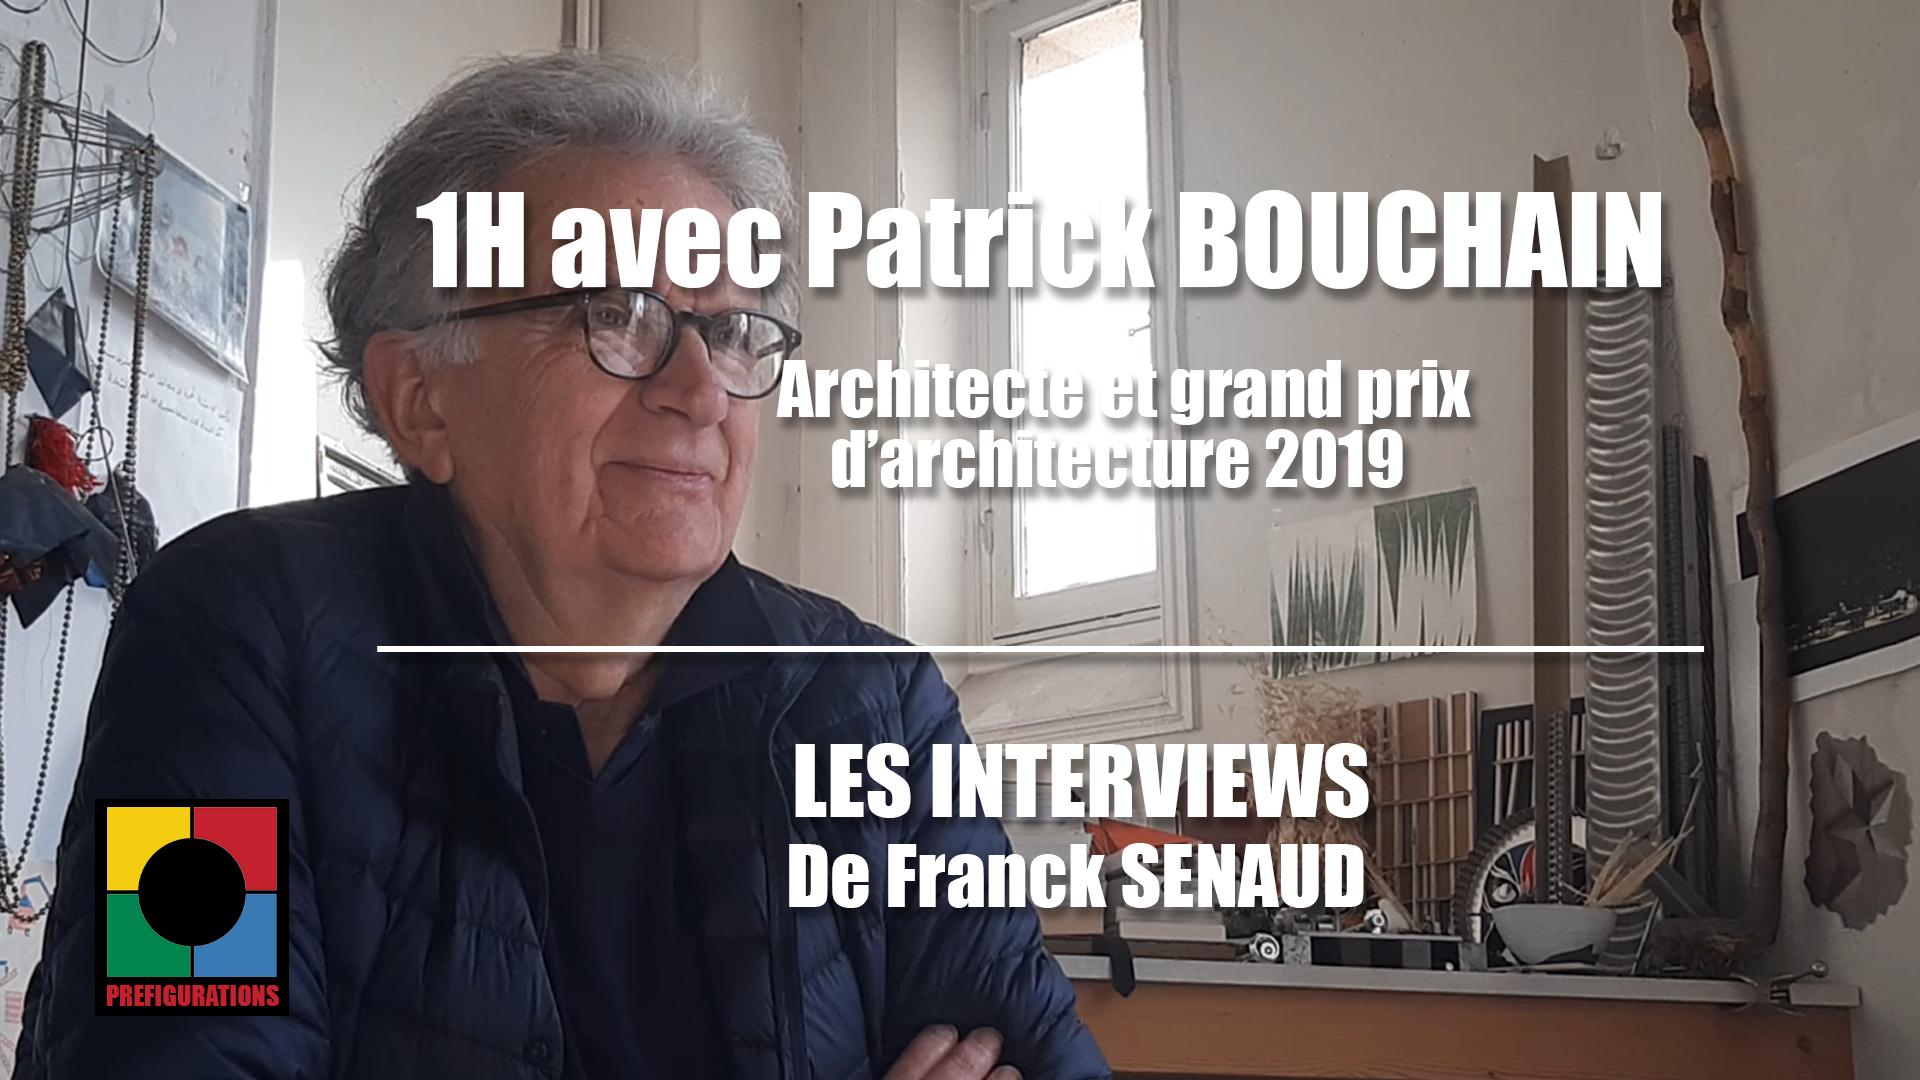 1H-avec-Patrick-BOUCHAIN-architecte2019